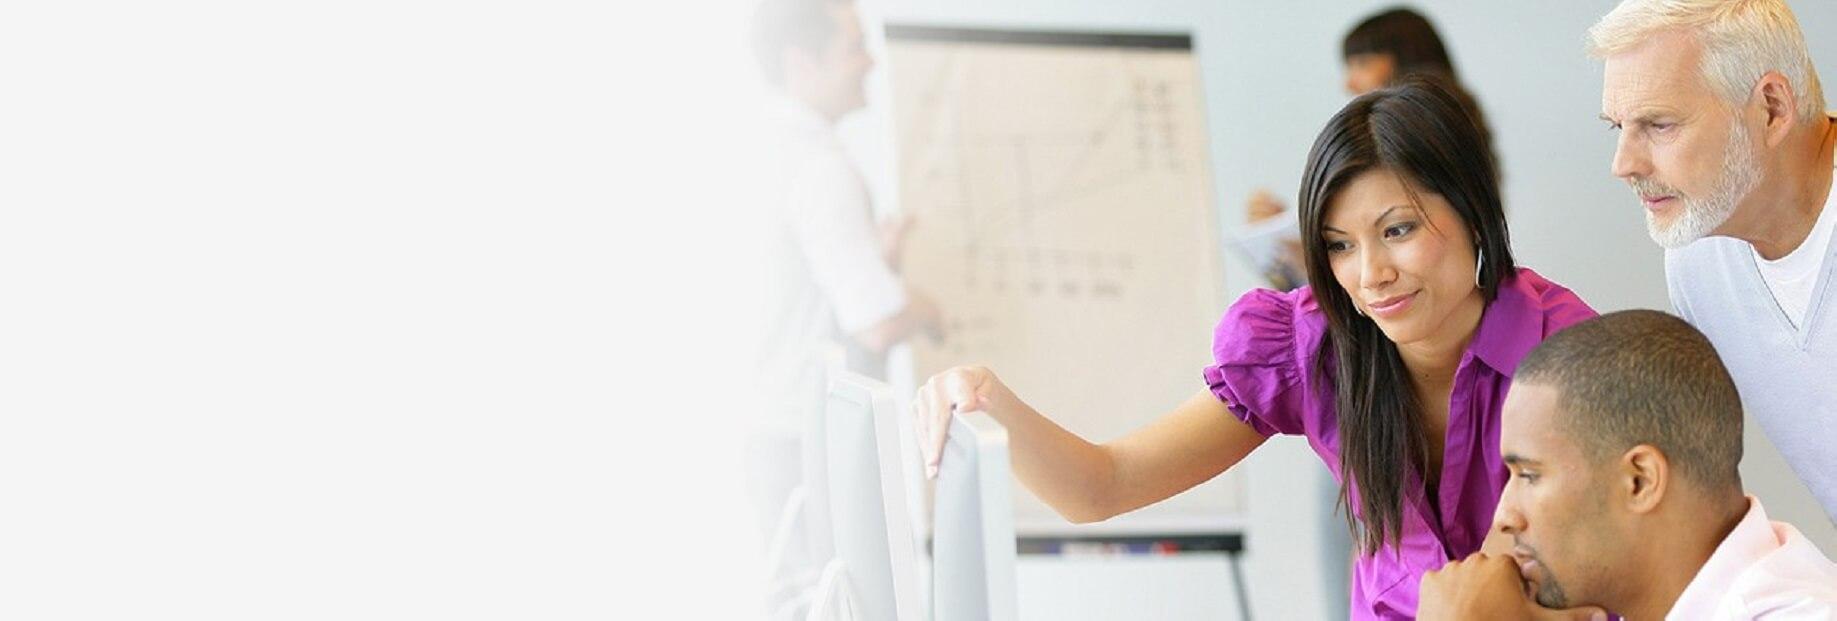 Ny kunskap för dig och dina medarbetare?